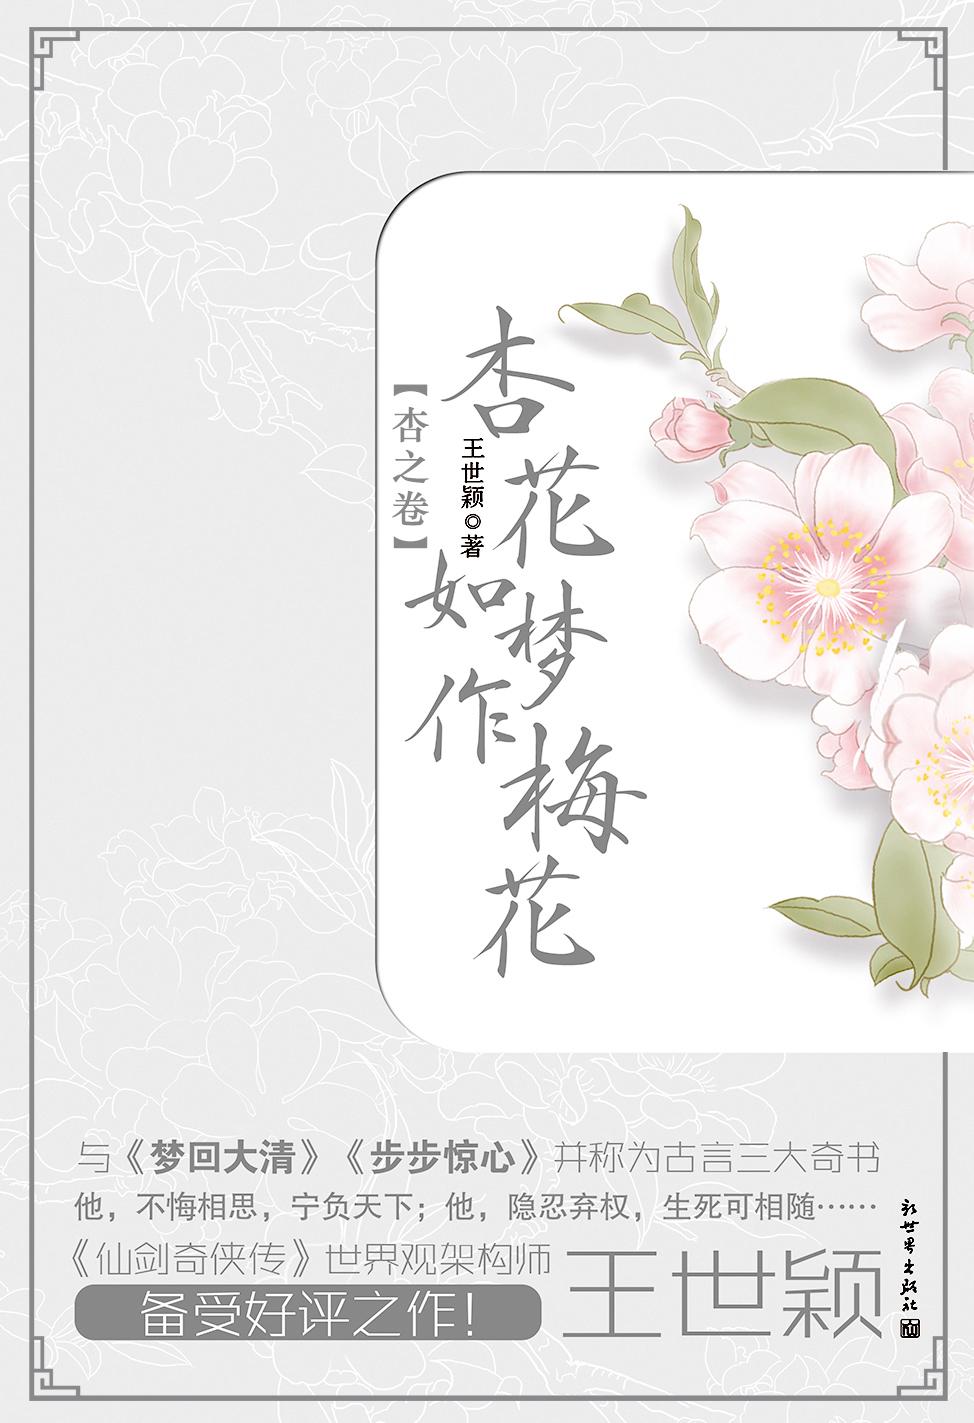 杏花如梦作梅花1·杏之卷